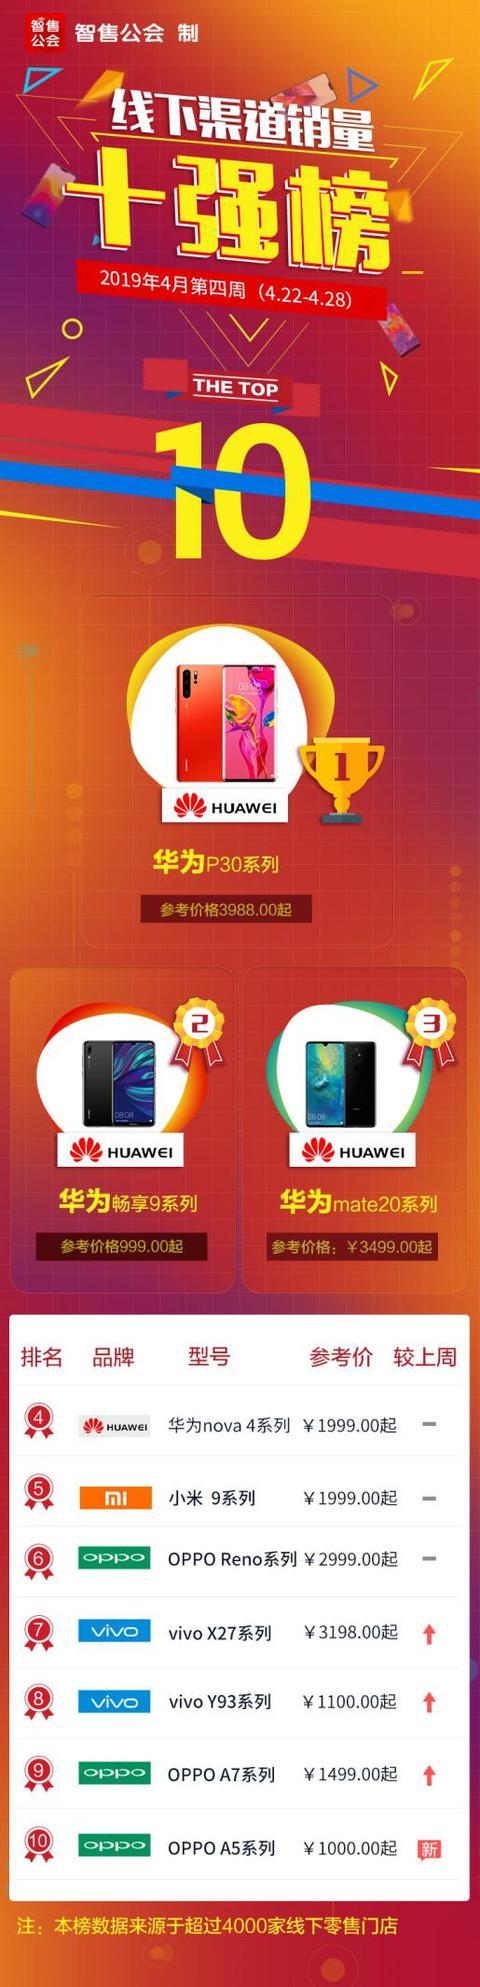 线下手机销量榜: 小米市占比超vivo 华为荣耀拿下过半市场份额